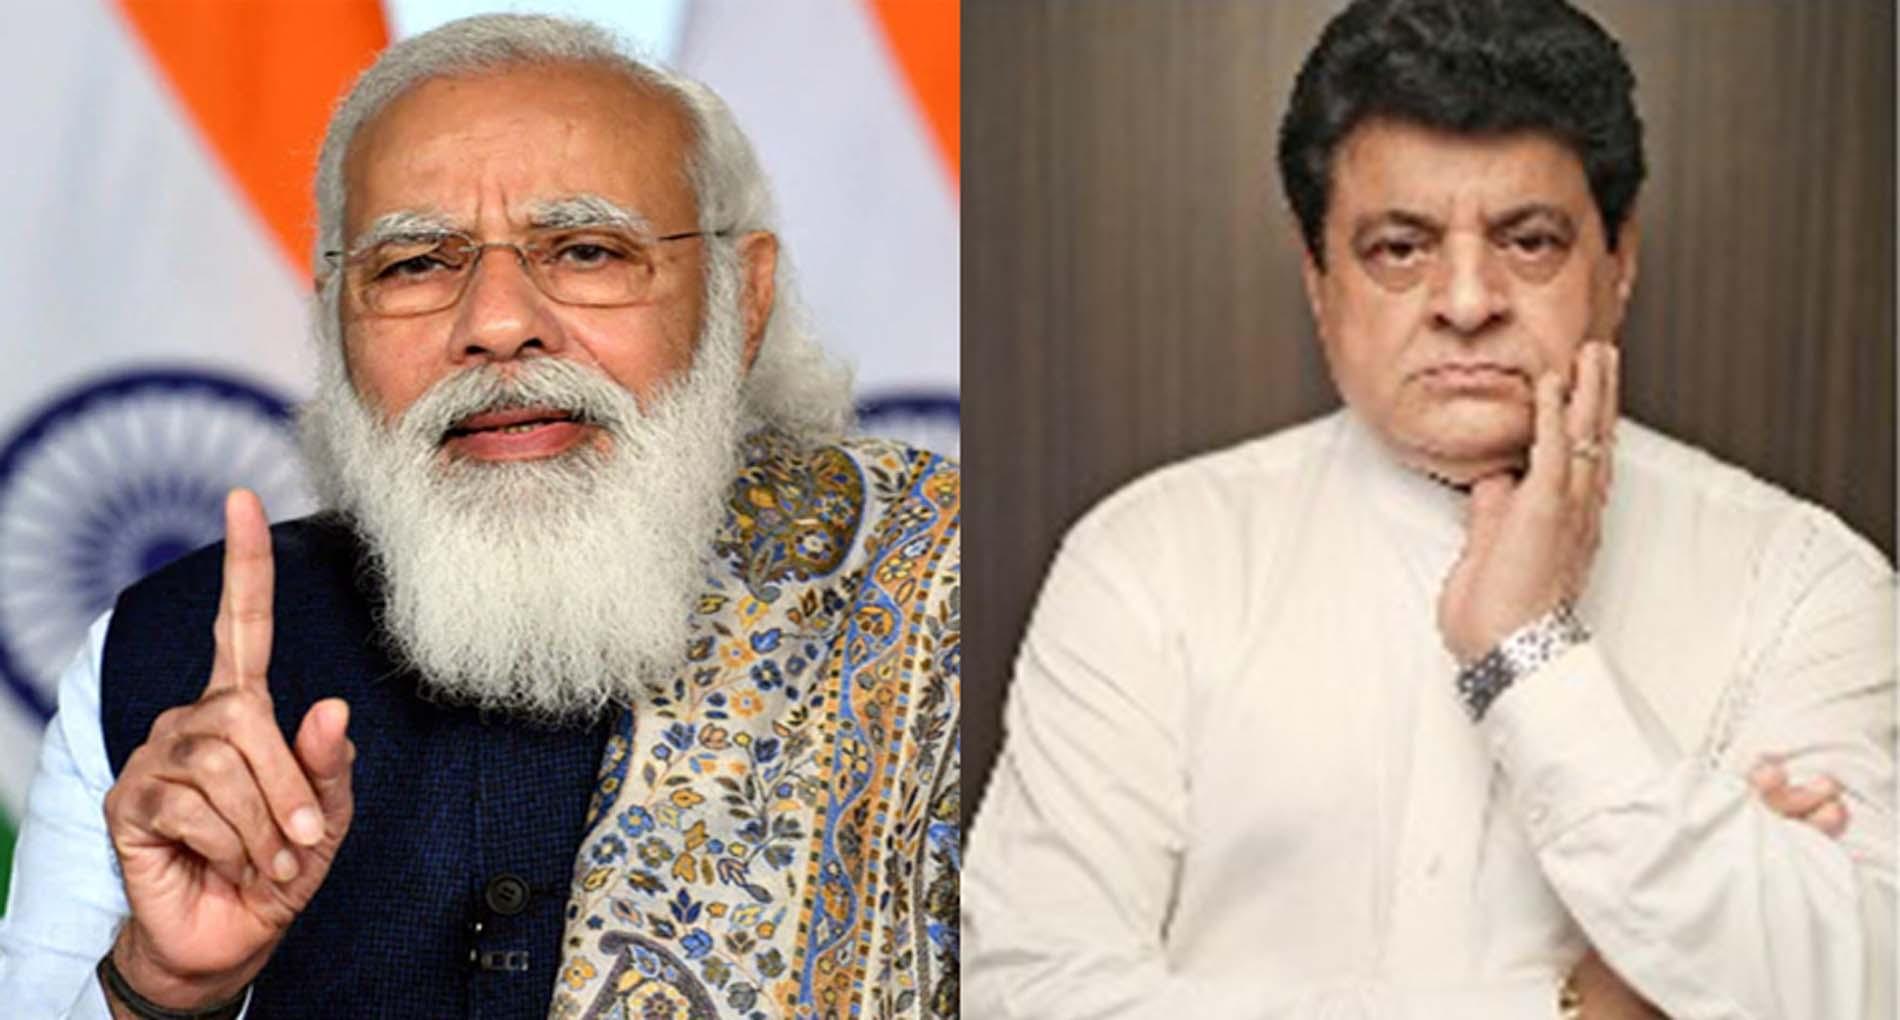 पीएम मोदी के जन्मदिन पर रिलीज होगी फिल्म 'एक और नरेन', गजेंद्र चौहान निभाएंगे लीड रोल